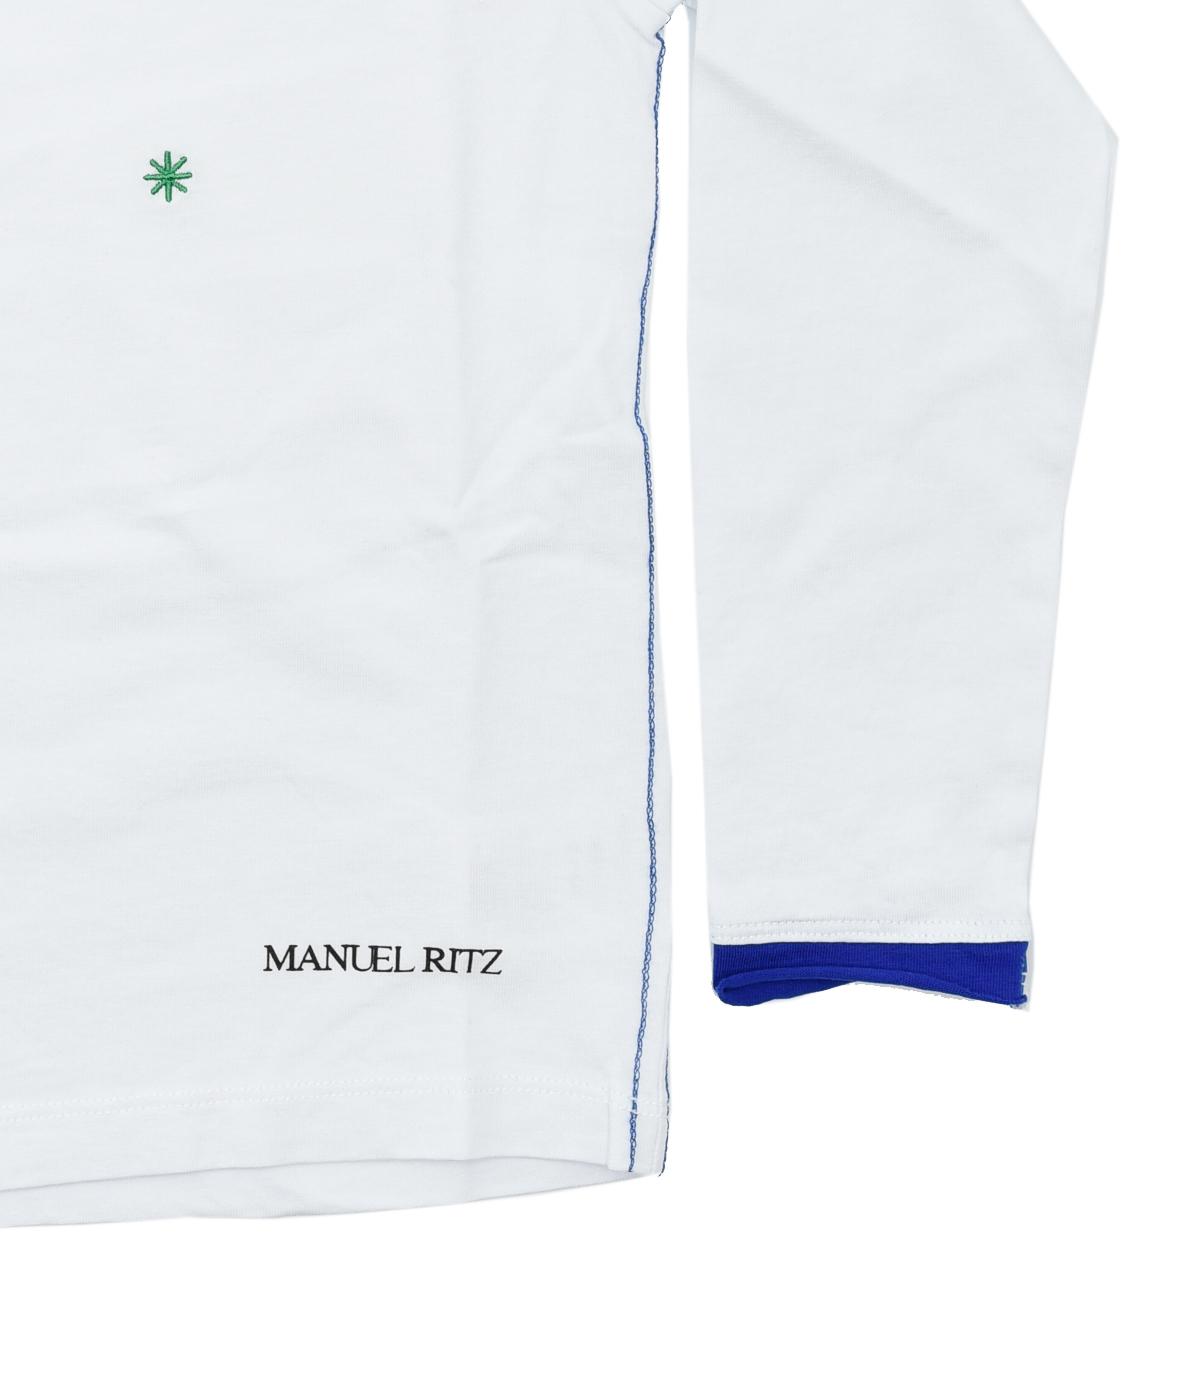 MANUEL RITZ T-SHIRT BAMBINO BIANCA FANTASIA 4-16 ANNI